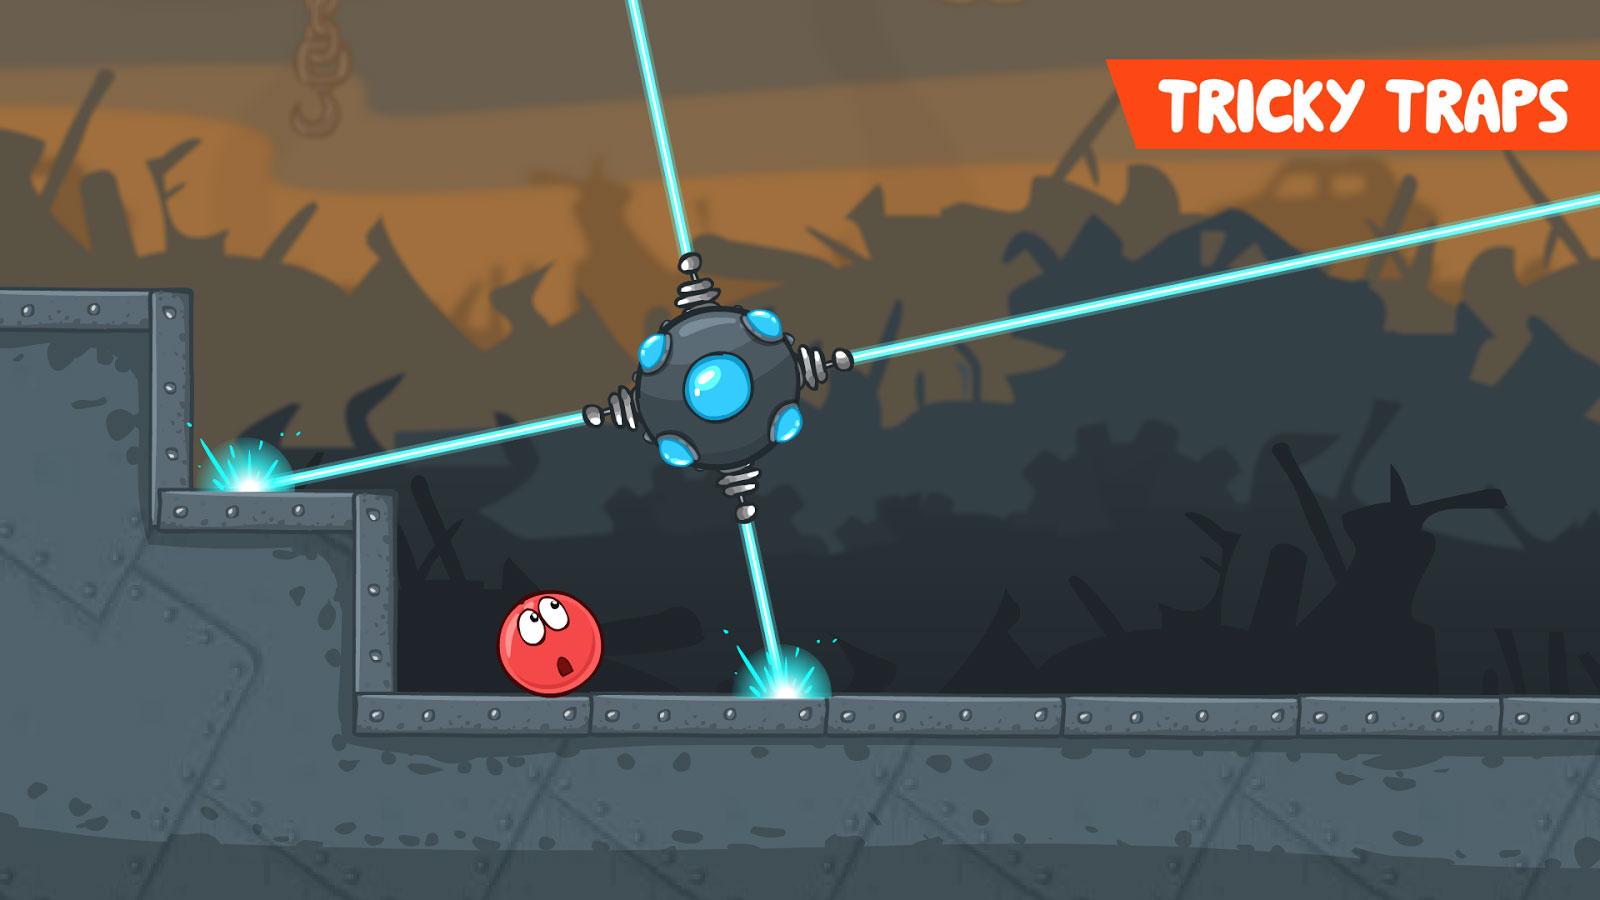 دانلود Red Ball 4 1.4.21 – بازی آرکید جالب توپ قرمز 4 اندروید + مود